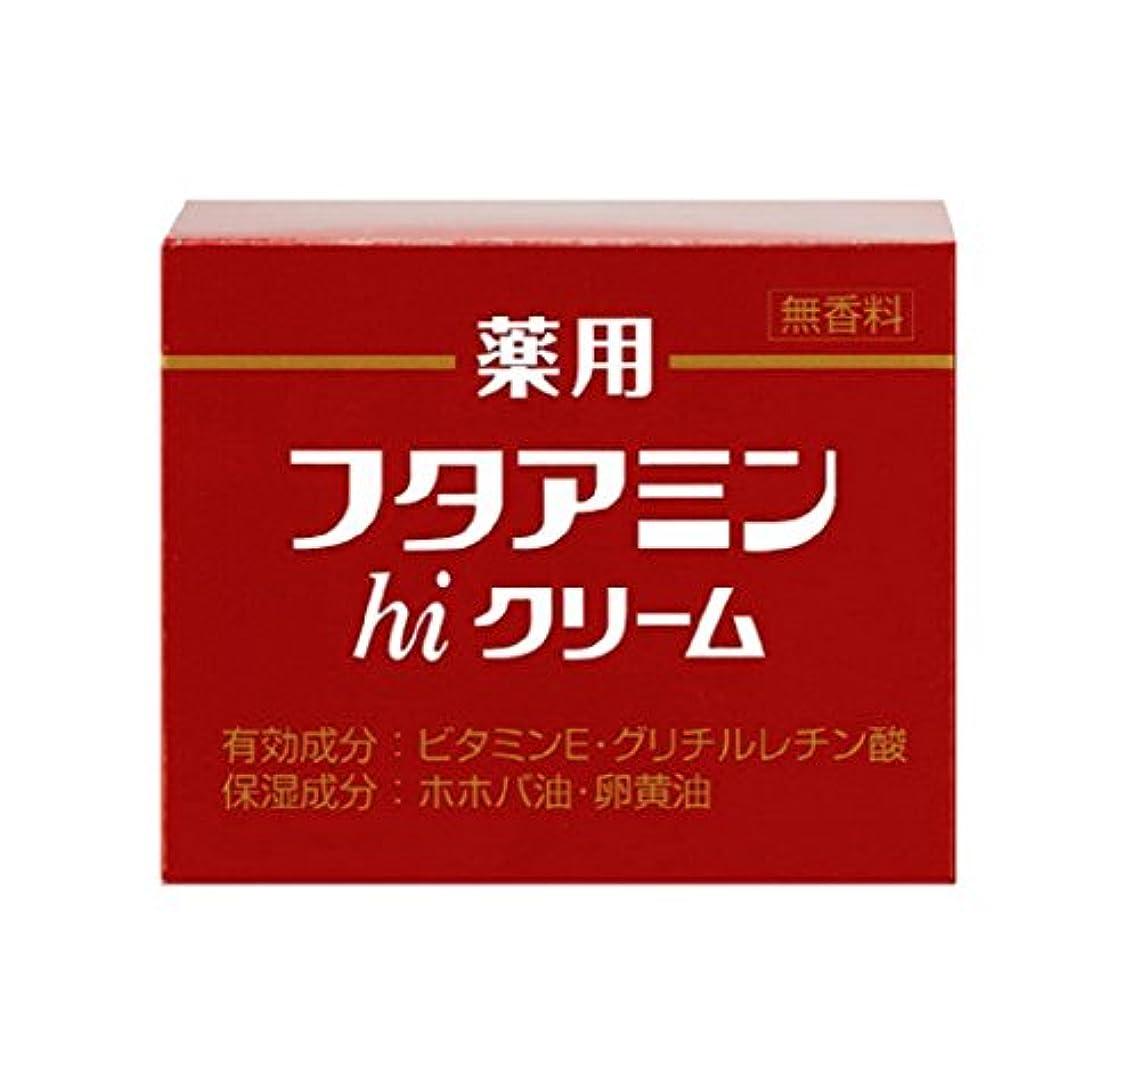 ファントム感染する菊薬用フタアミンhiクリーム 130g